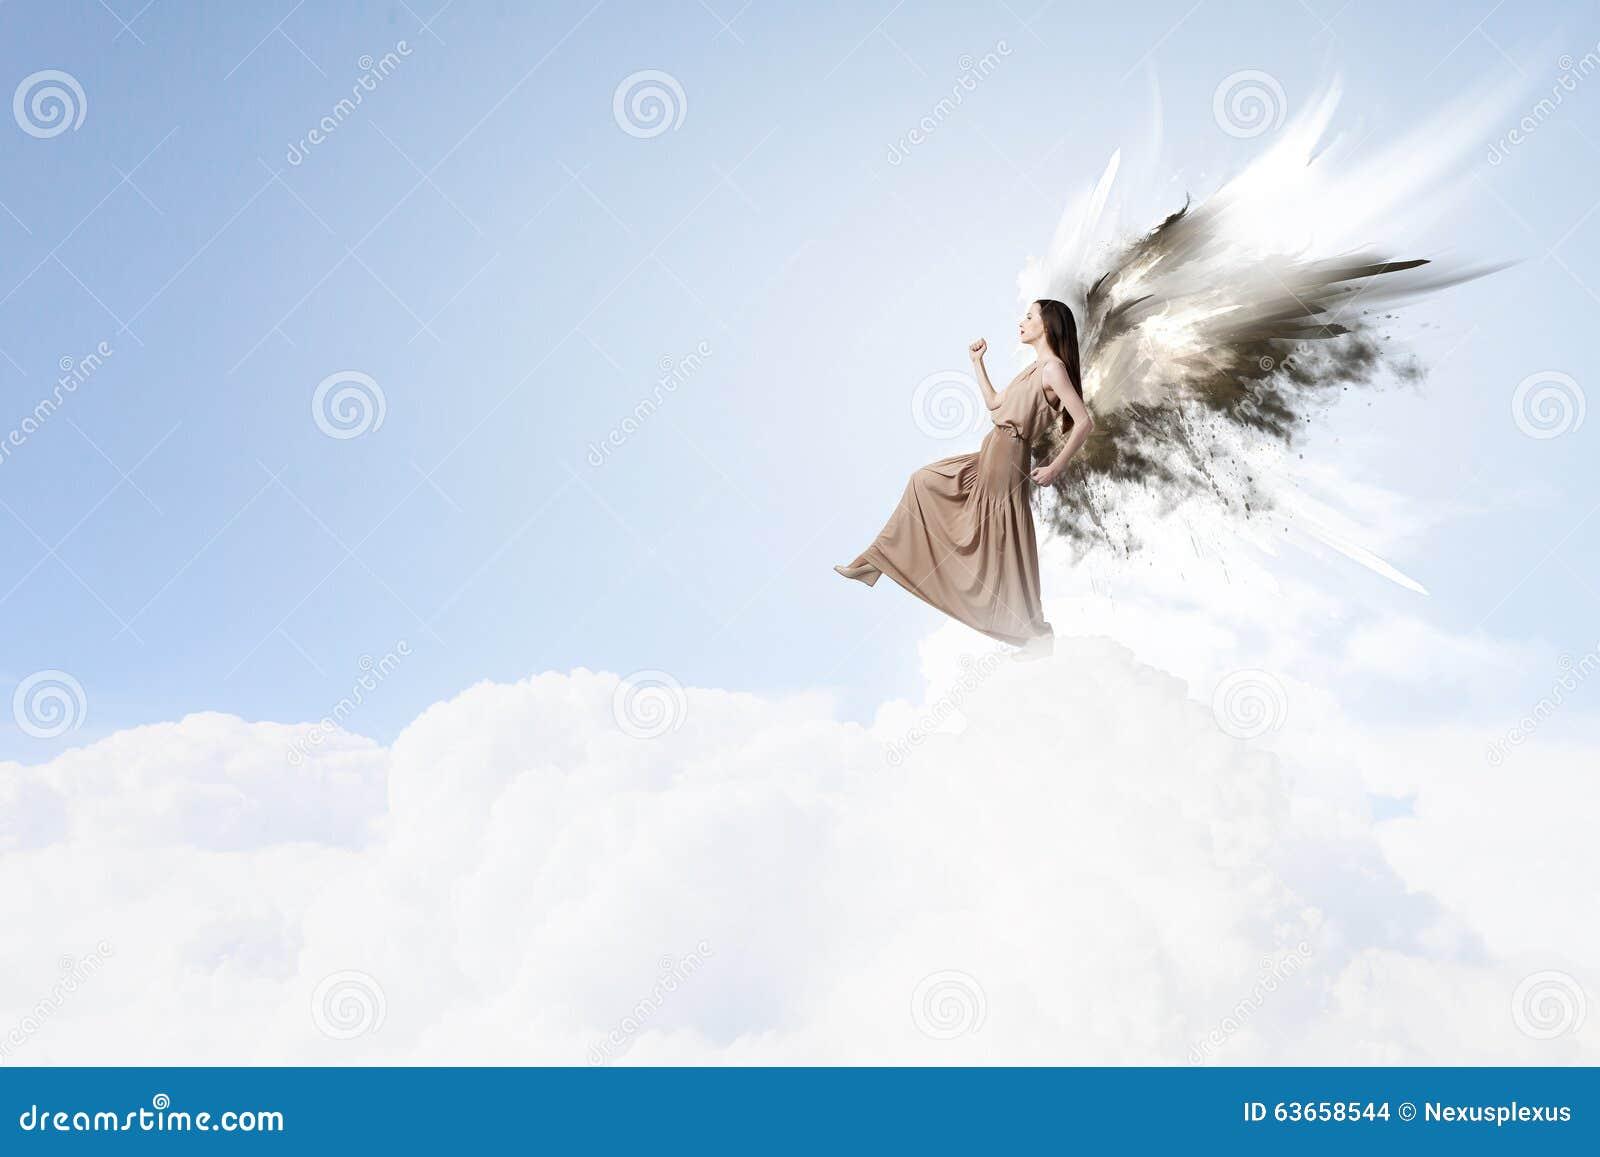 Angel Girl Flying High Stock Photo - Image: 63658544